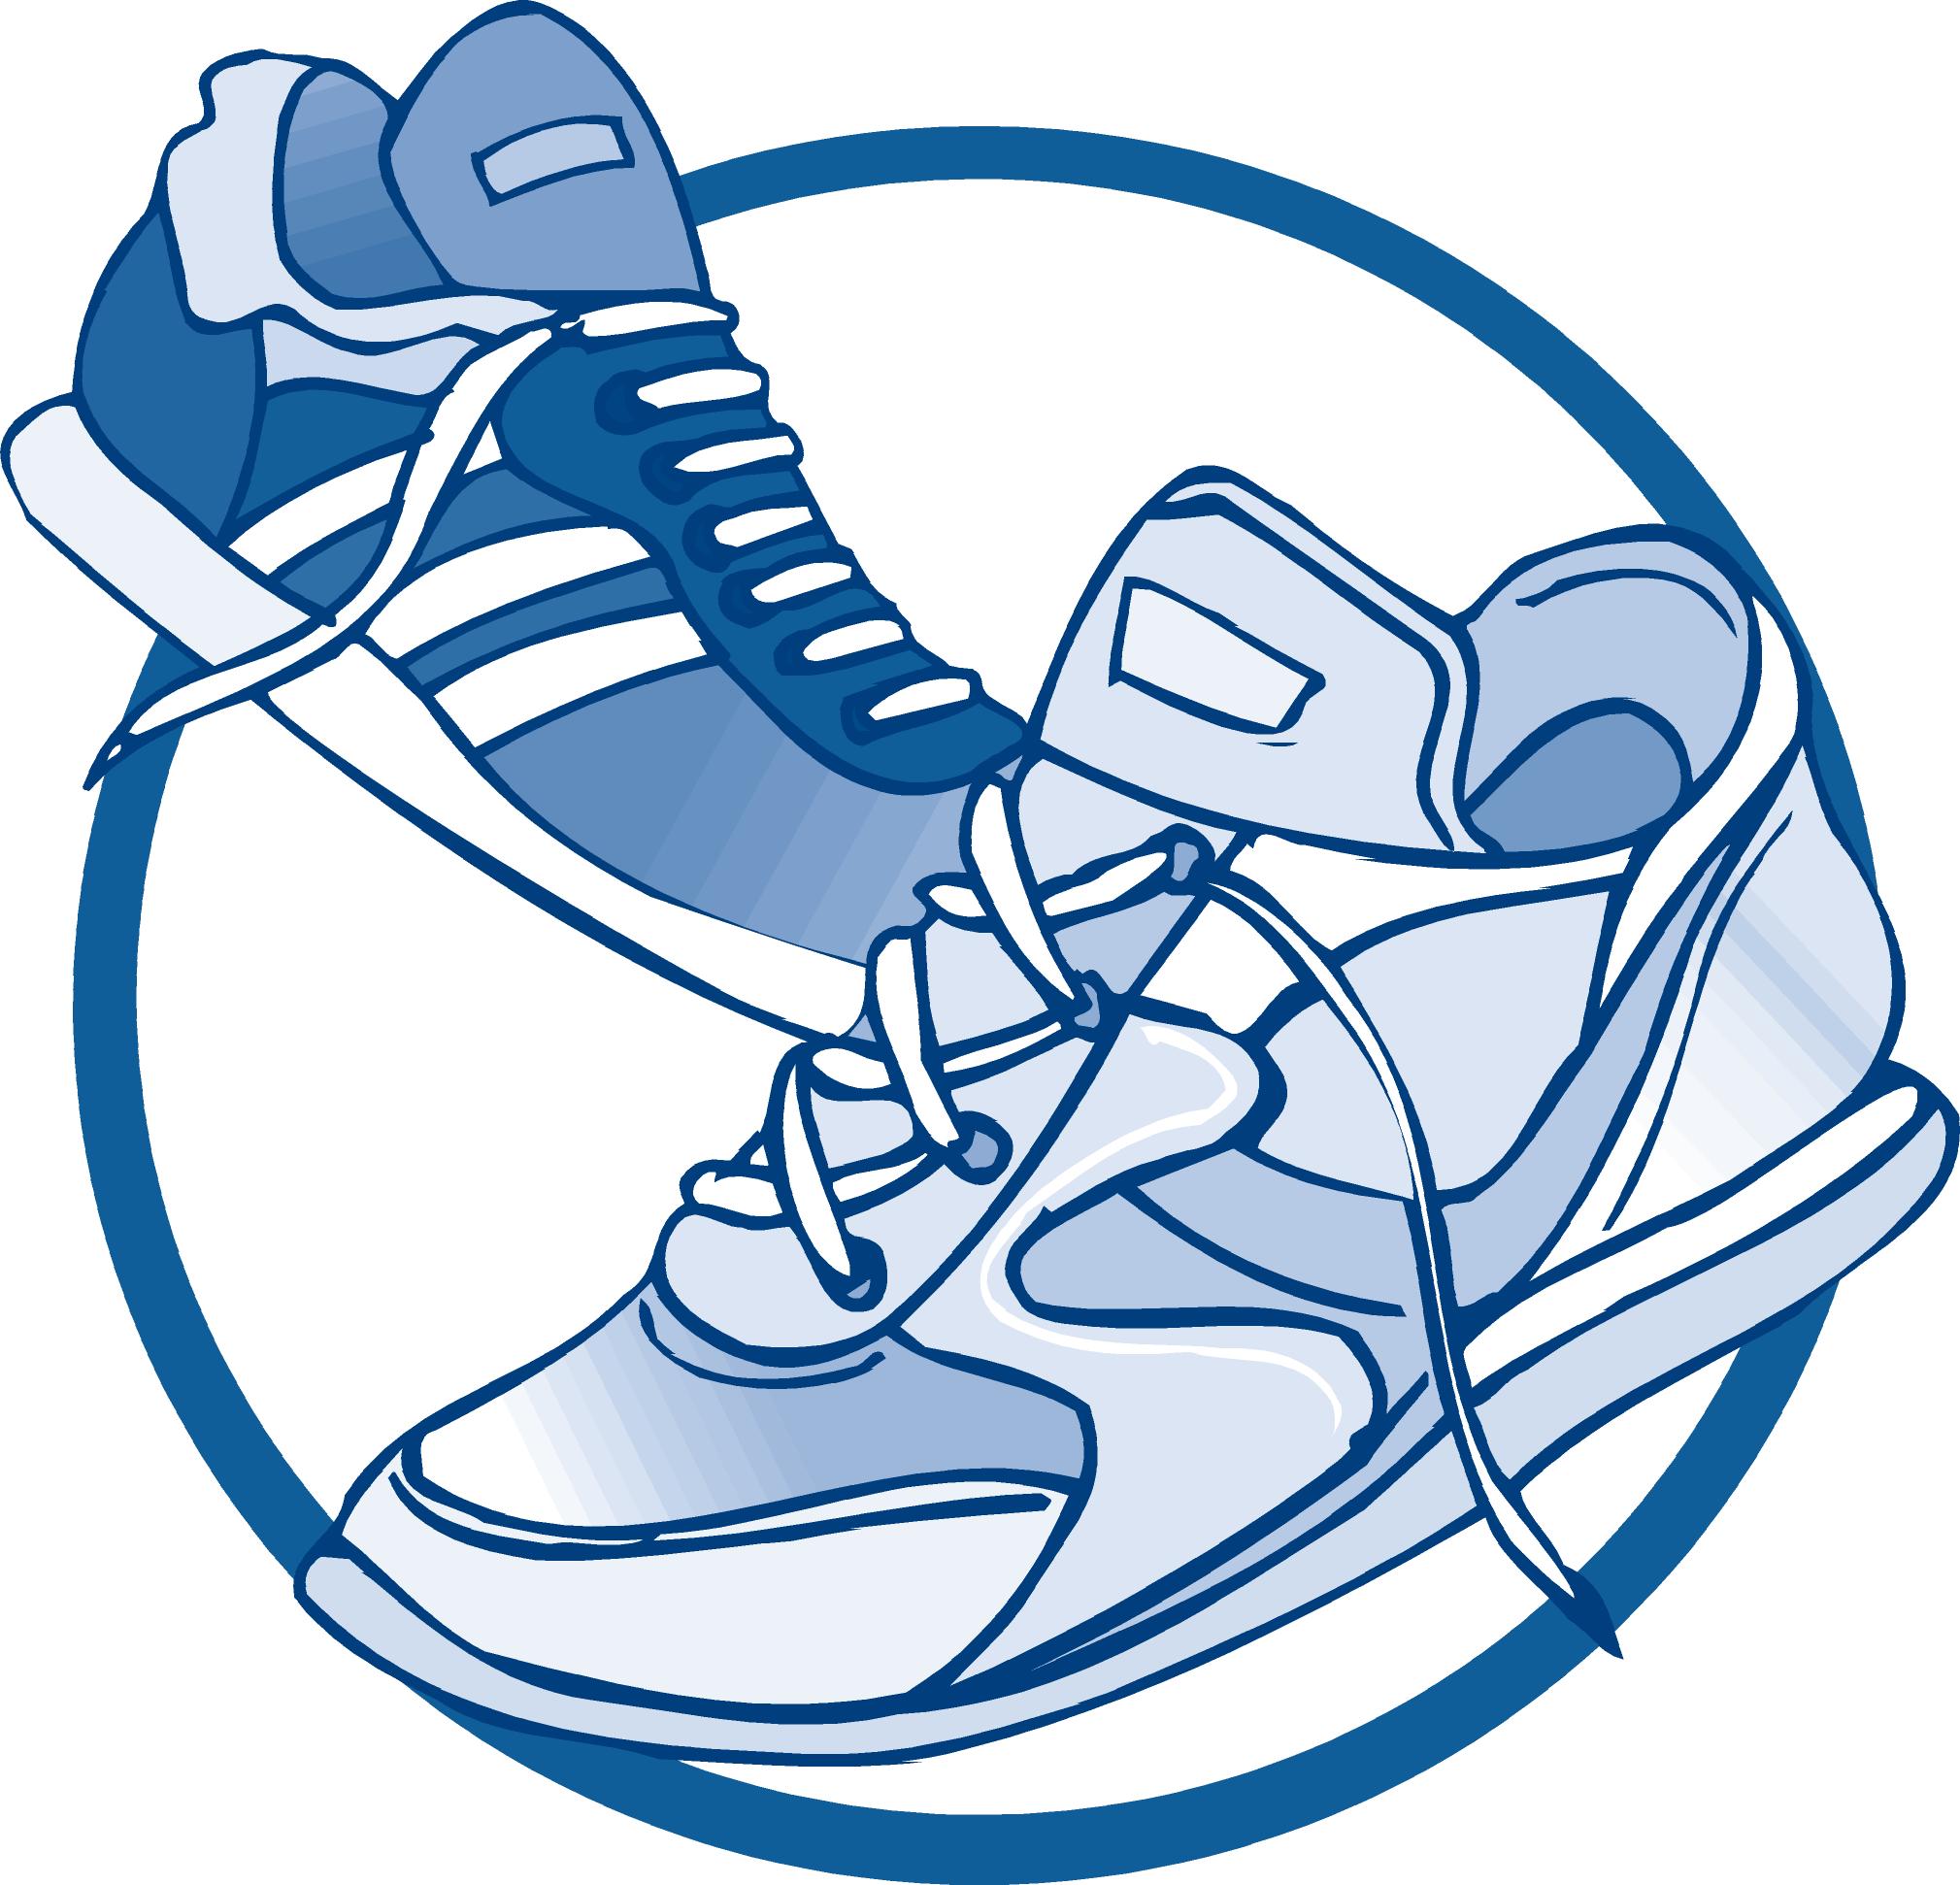 2019x1942 Shoe Clipart Sport Clothes